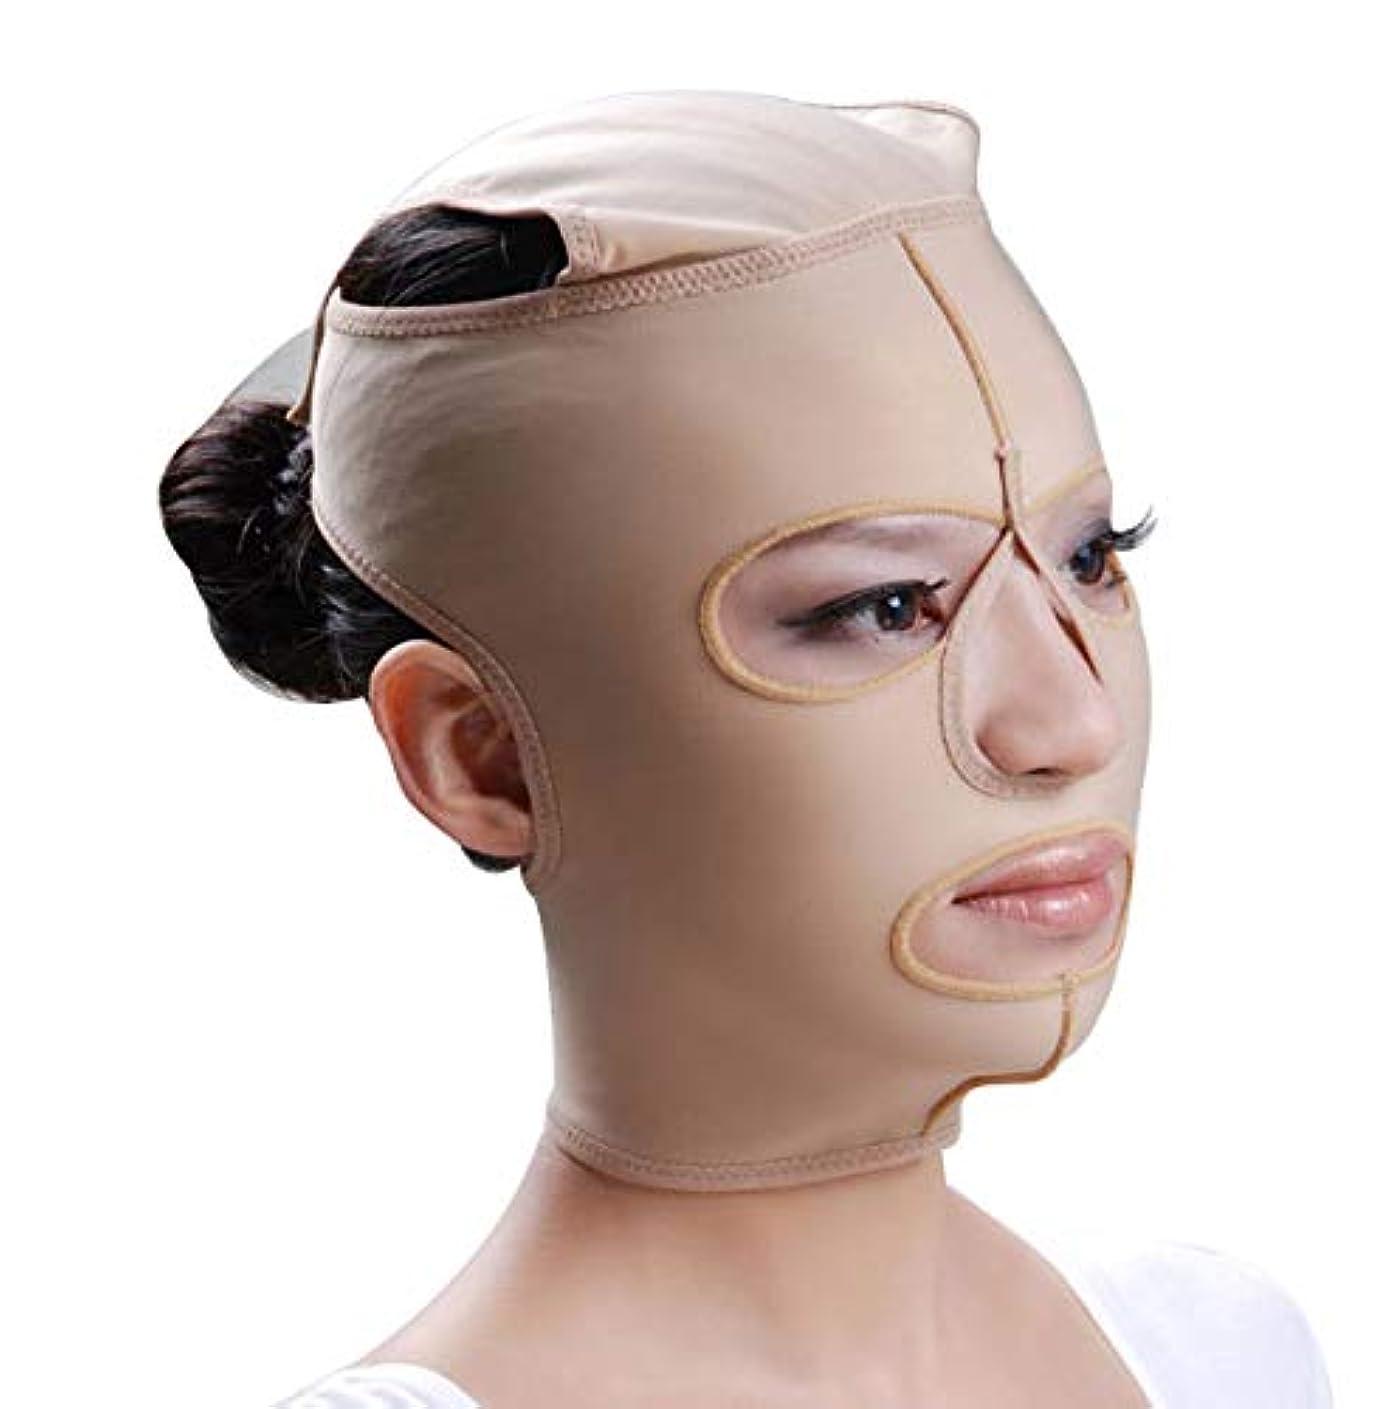 マイナーアート項目GLJJQMY ファーミングマスクマスク弾性表面リフティングファーミングパターンマイクロフィニッシングモデリング圧縮マスク 顔用整形マスク (Size : S)